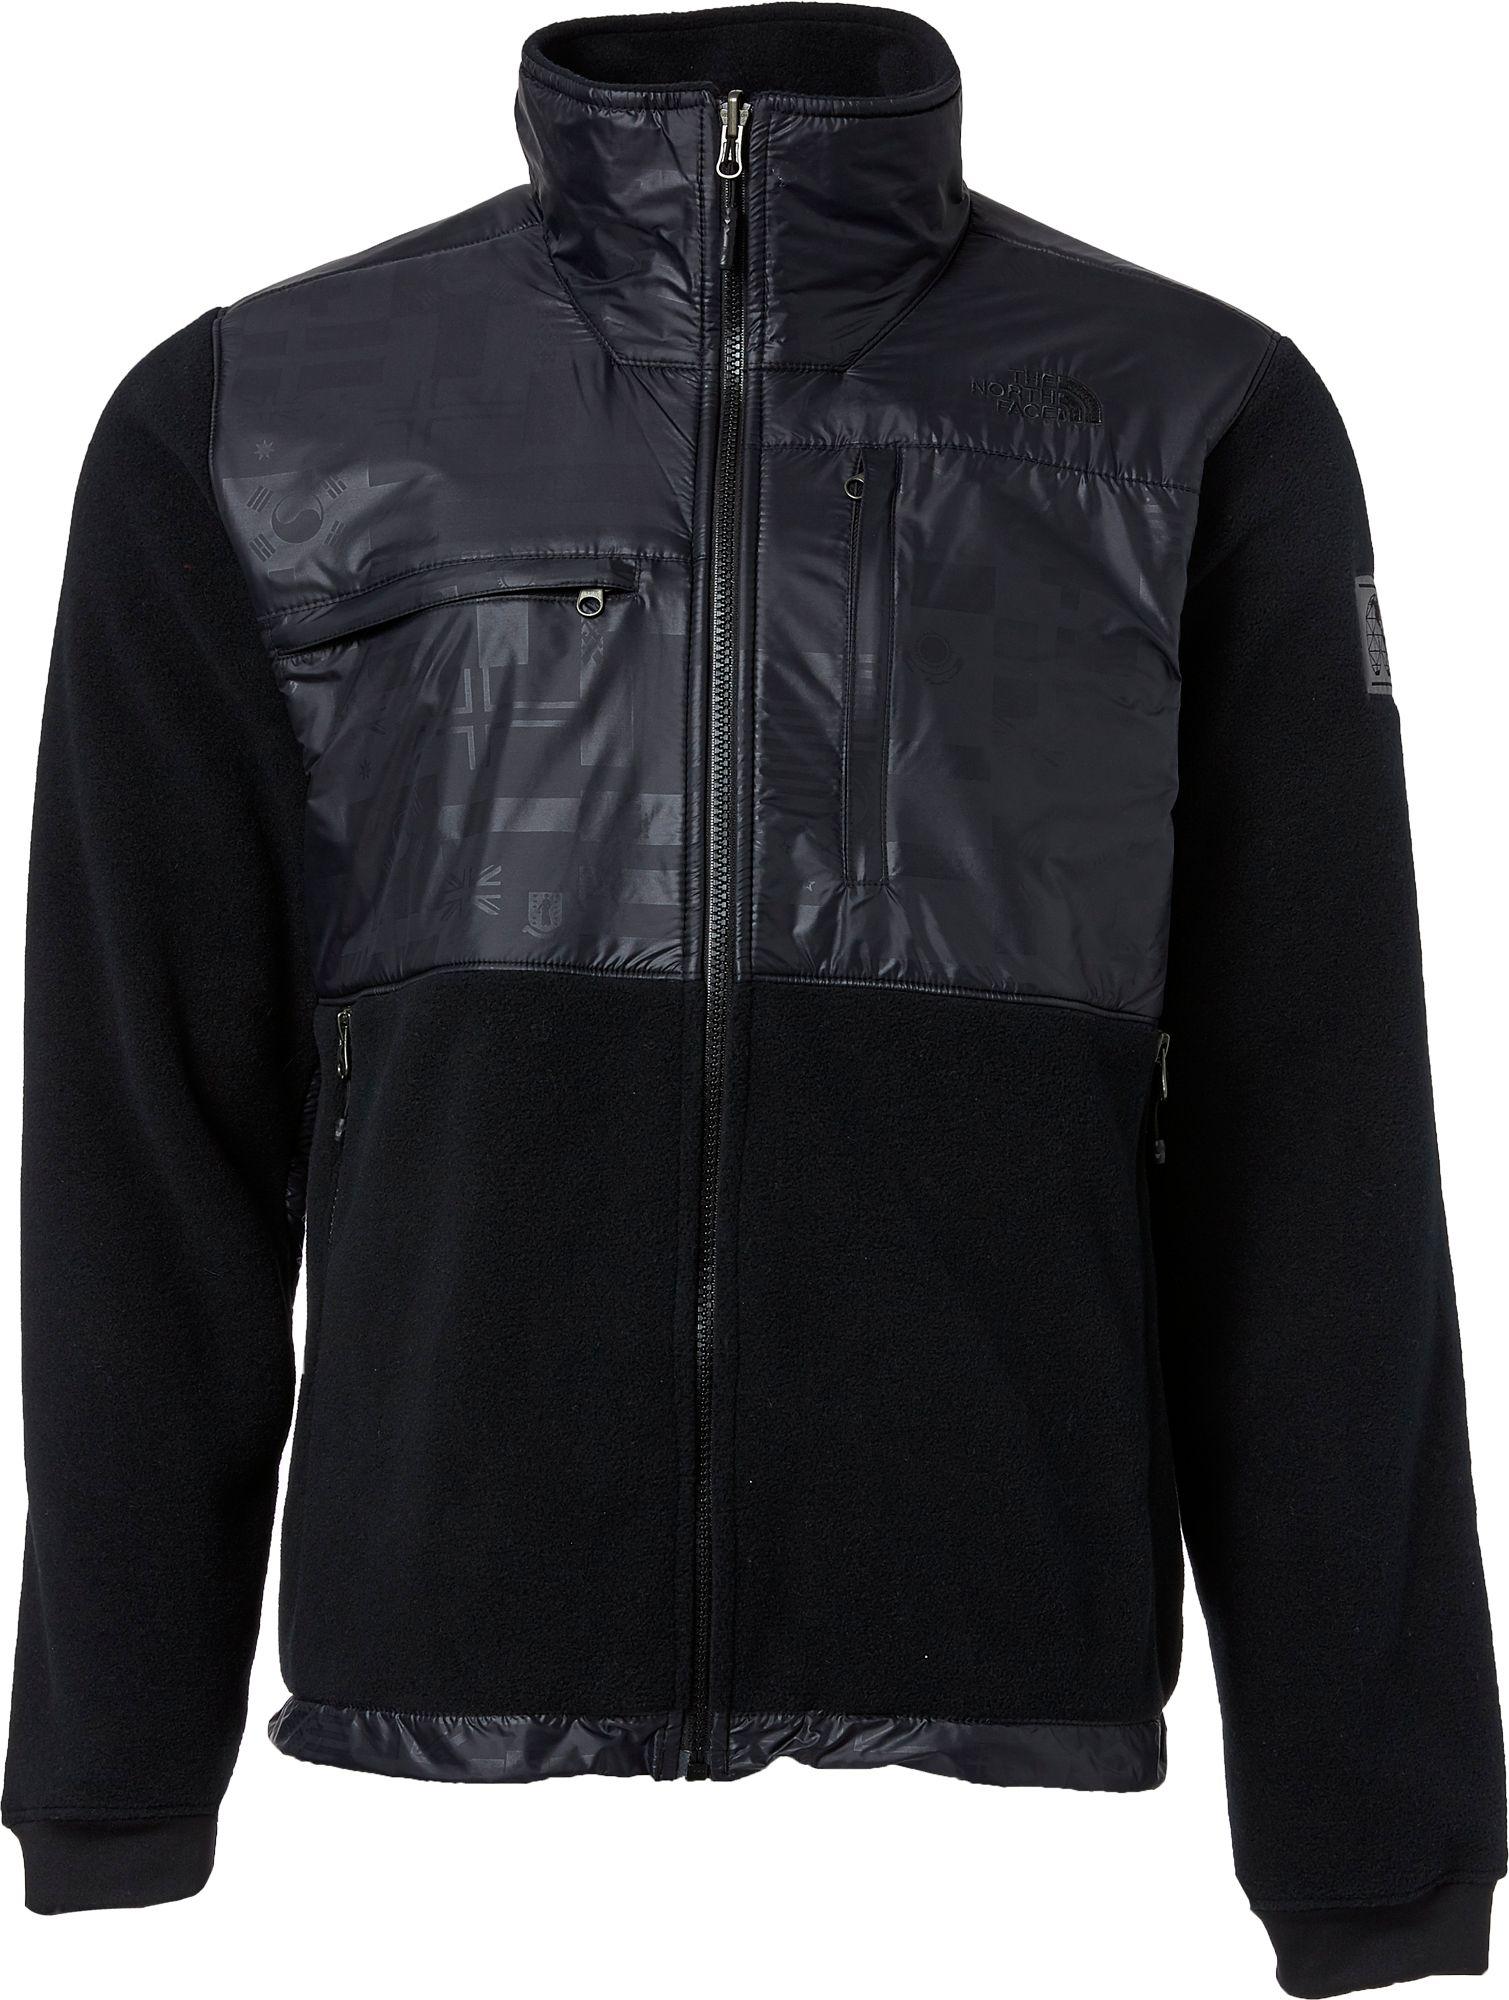 Black fleece jacket north face